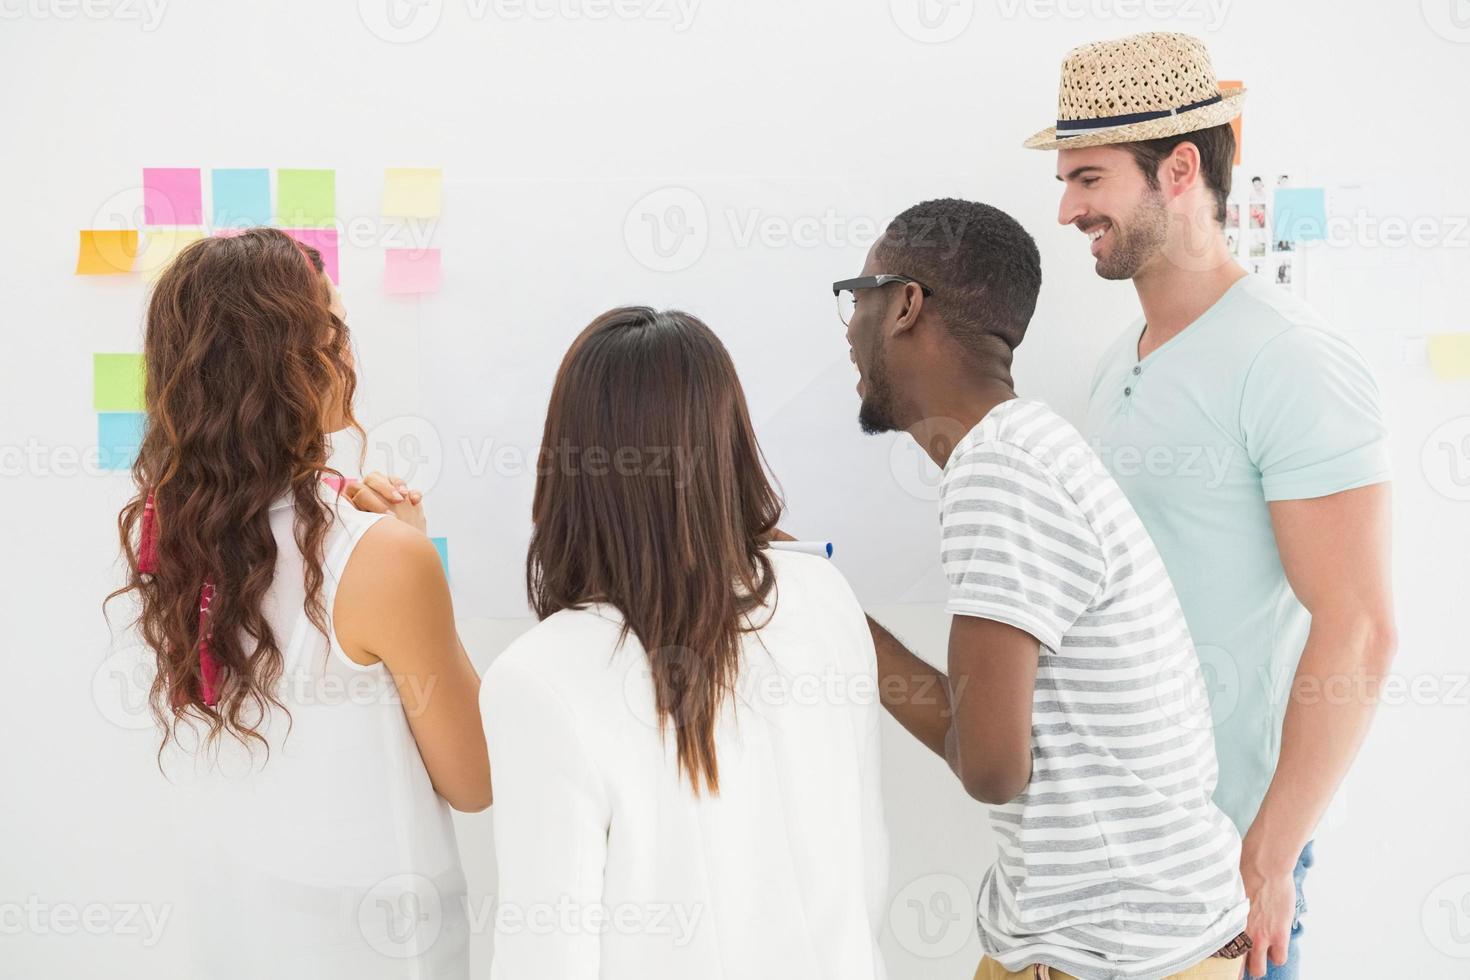 bakifrån av kollegor som interagerar tillsammans foto